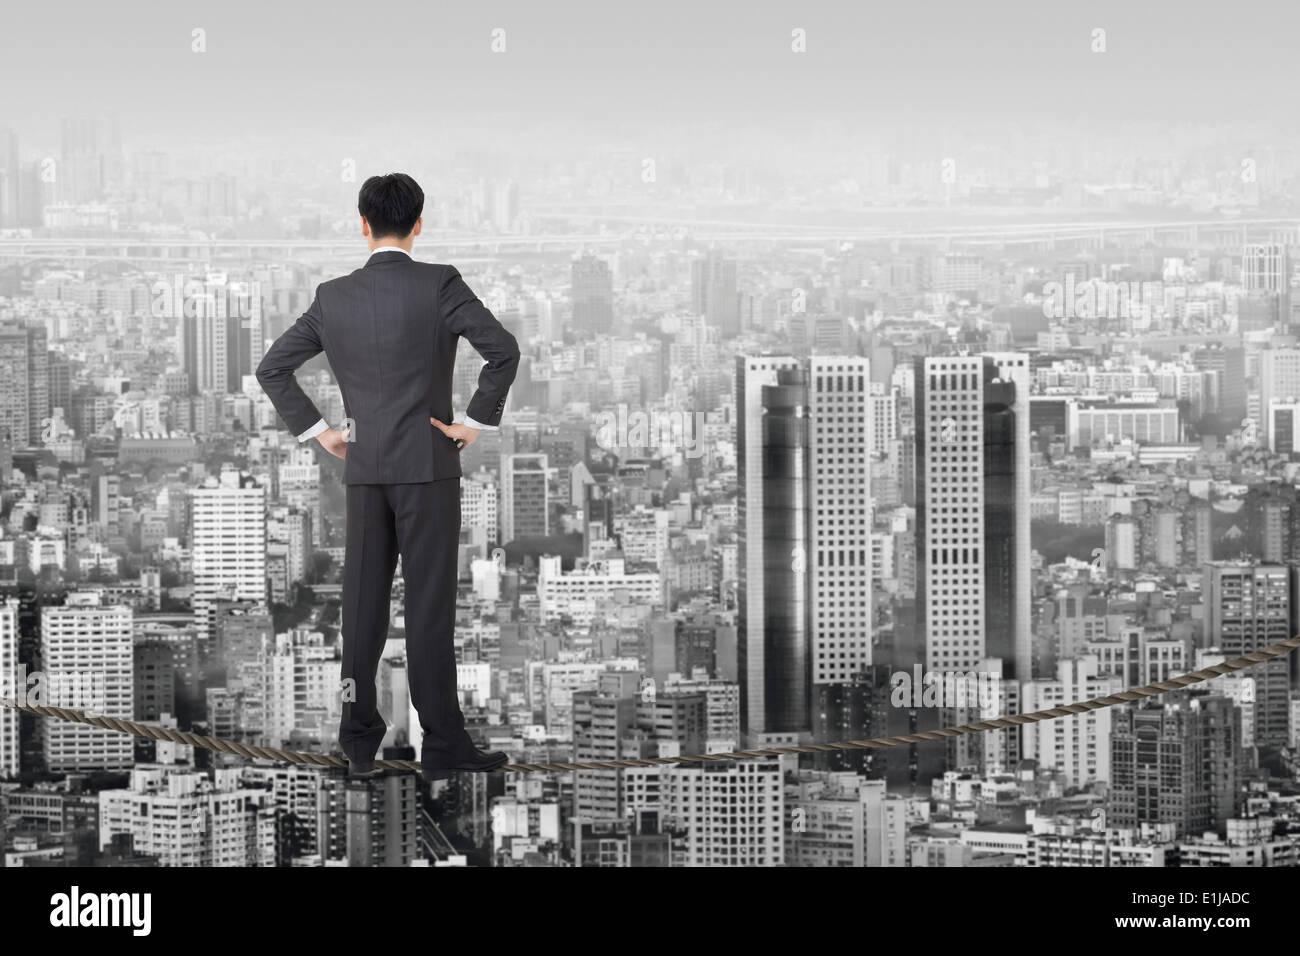 negocio futuro Imagen De Stock